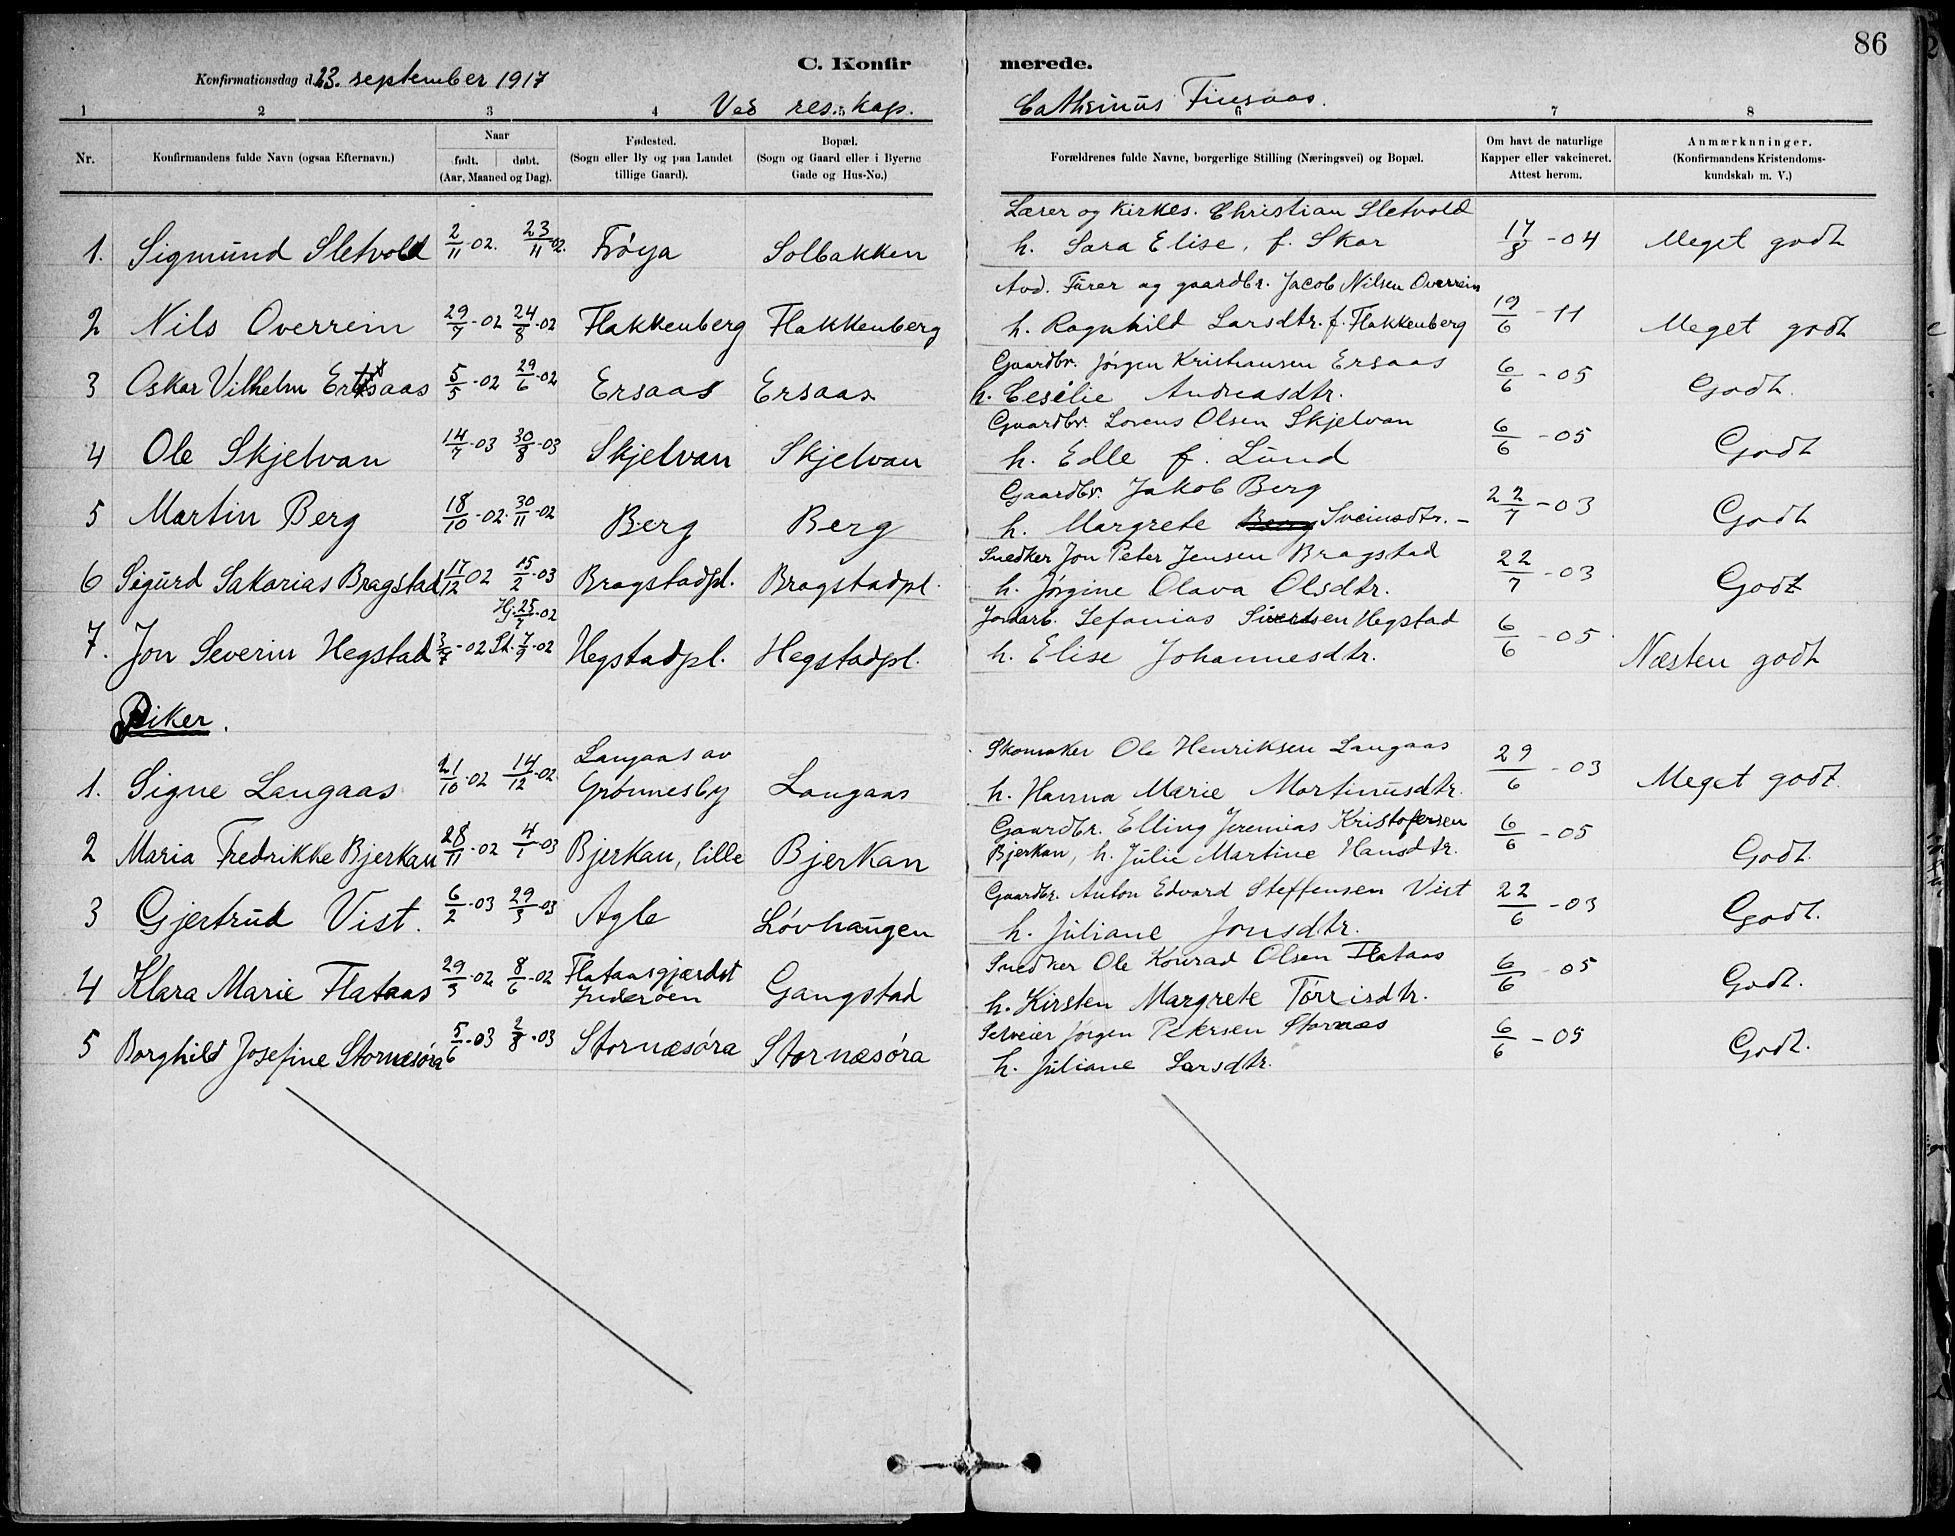 SAT, Ministerialprotokoller, klokkerbøker og fødselsregistre - Nord-Trøndelag, 732/L0316: Ministerialbok nr. 732A01, 1879-1921, s. 86